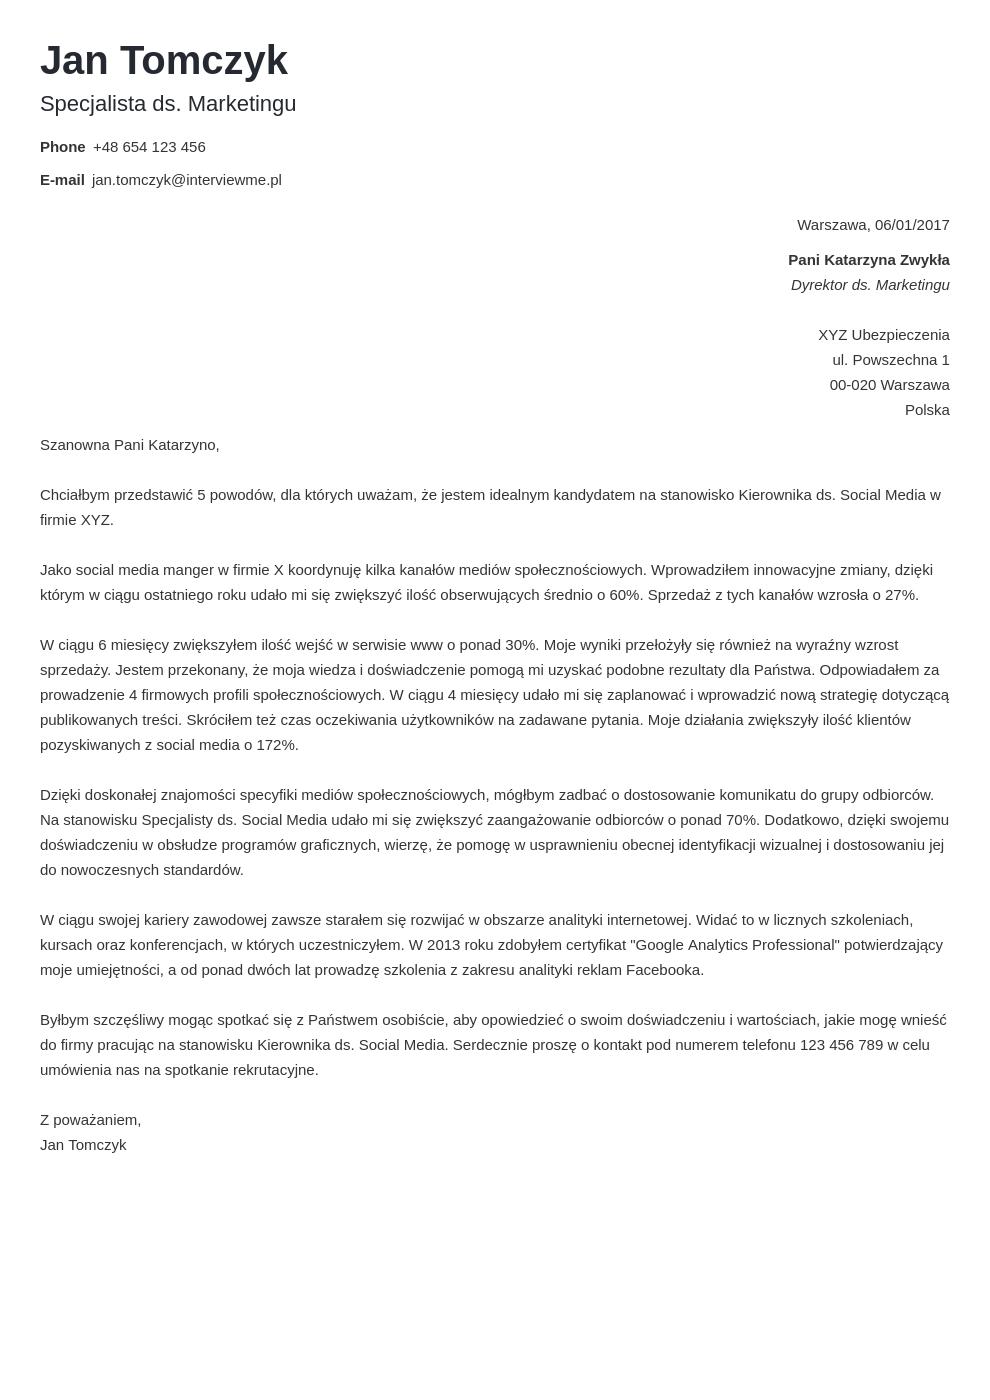 Szablon listu motywacyjnego Nanica